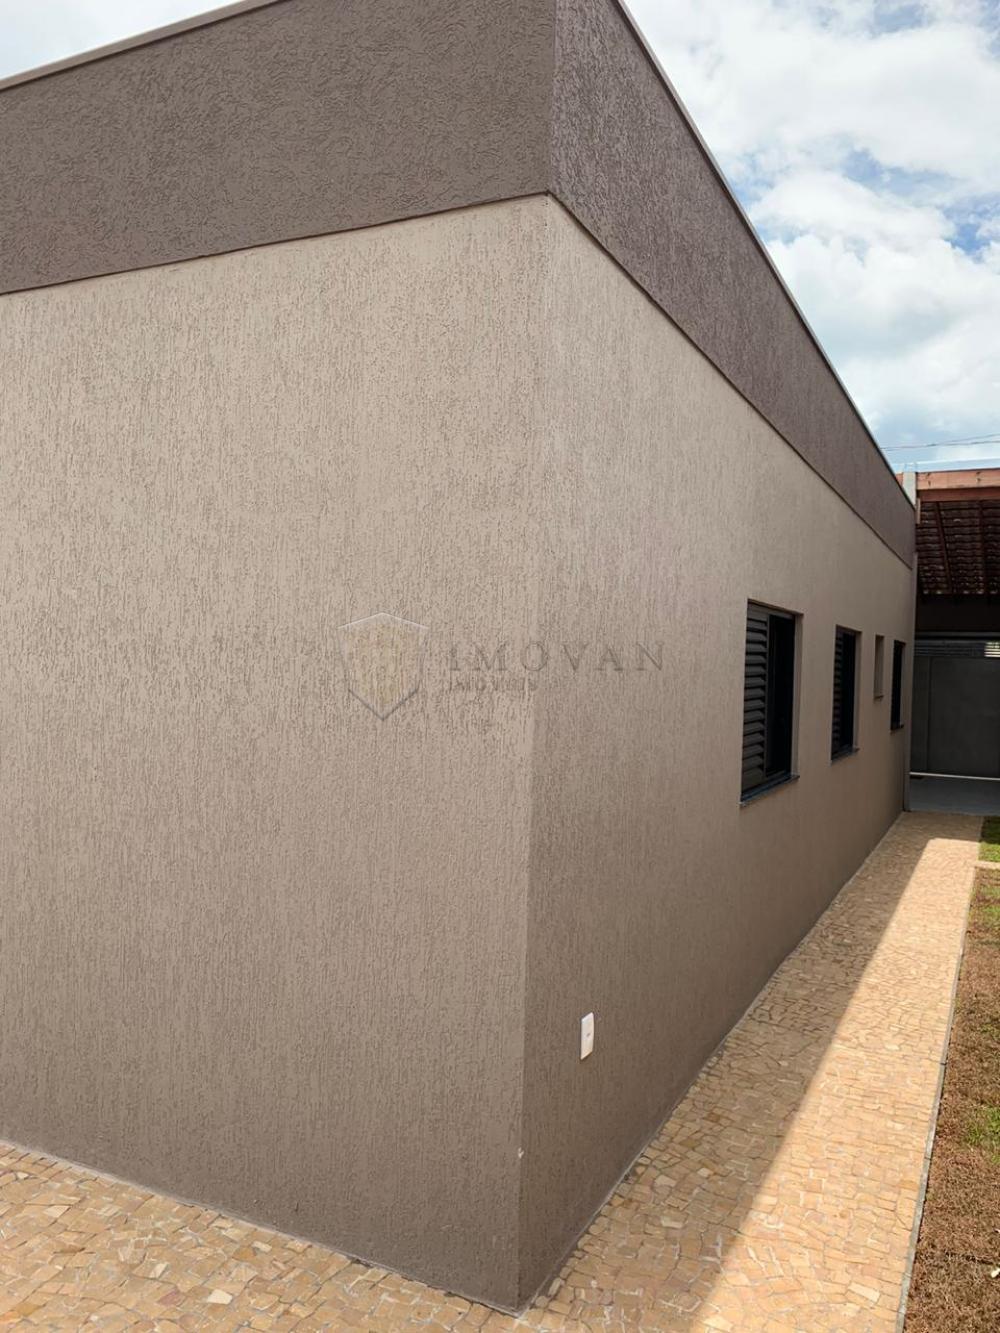 Comprar Casa / Padrão em Bonfim Paulista apenas R$ 355.000,00 - Foto 25